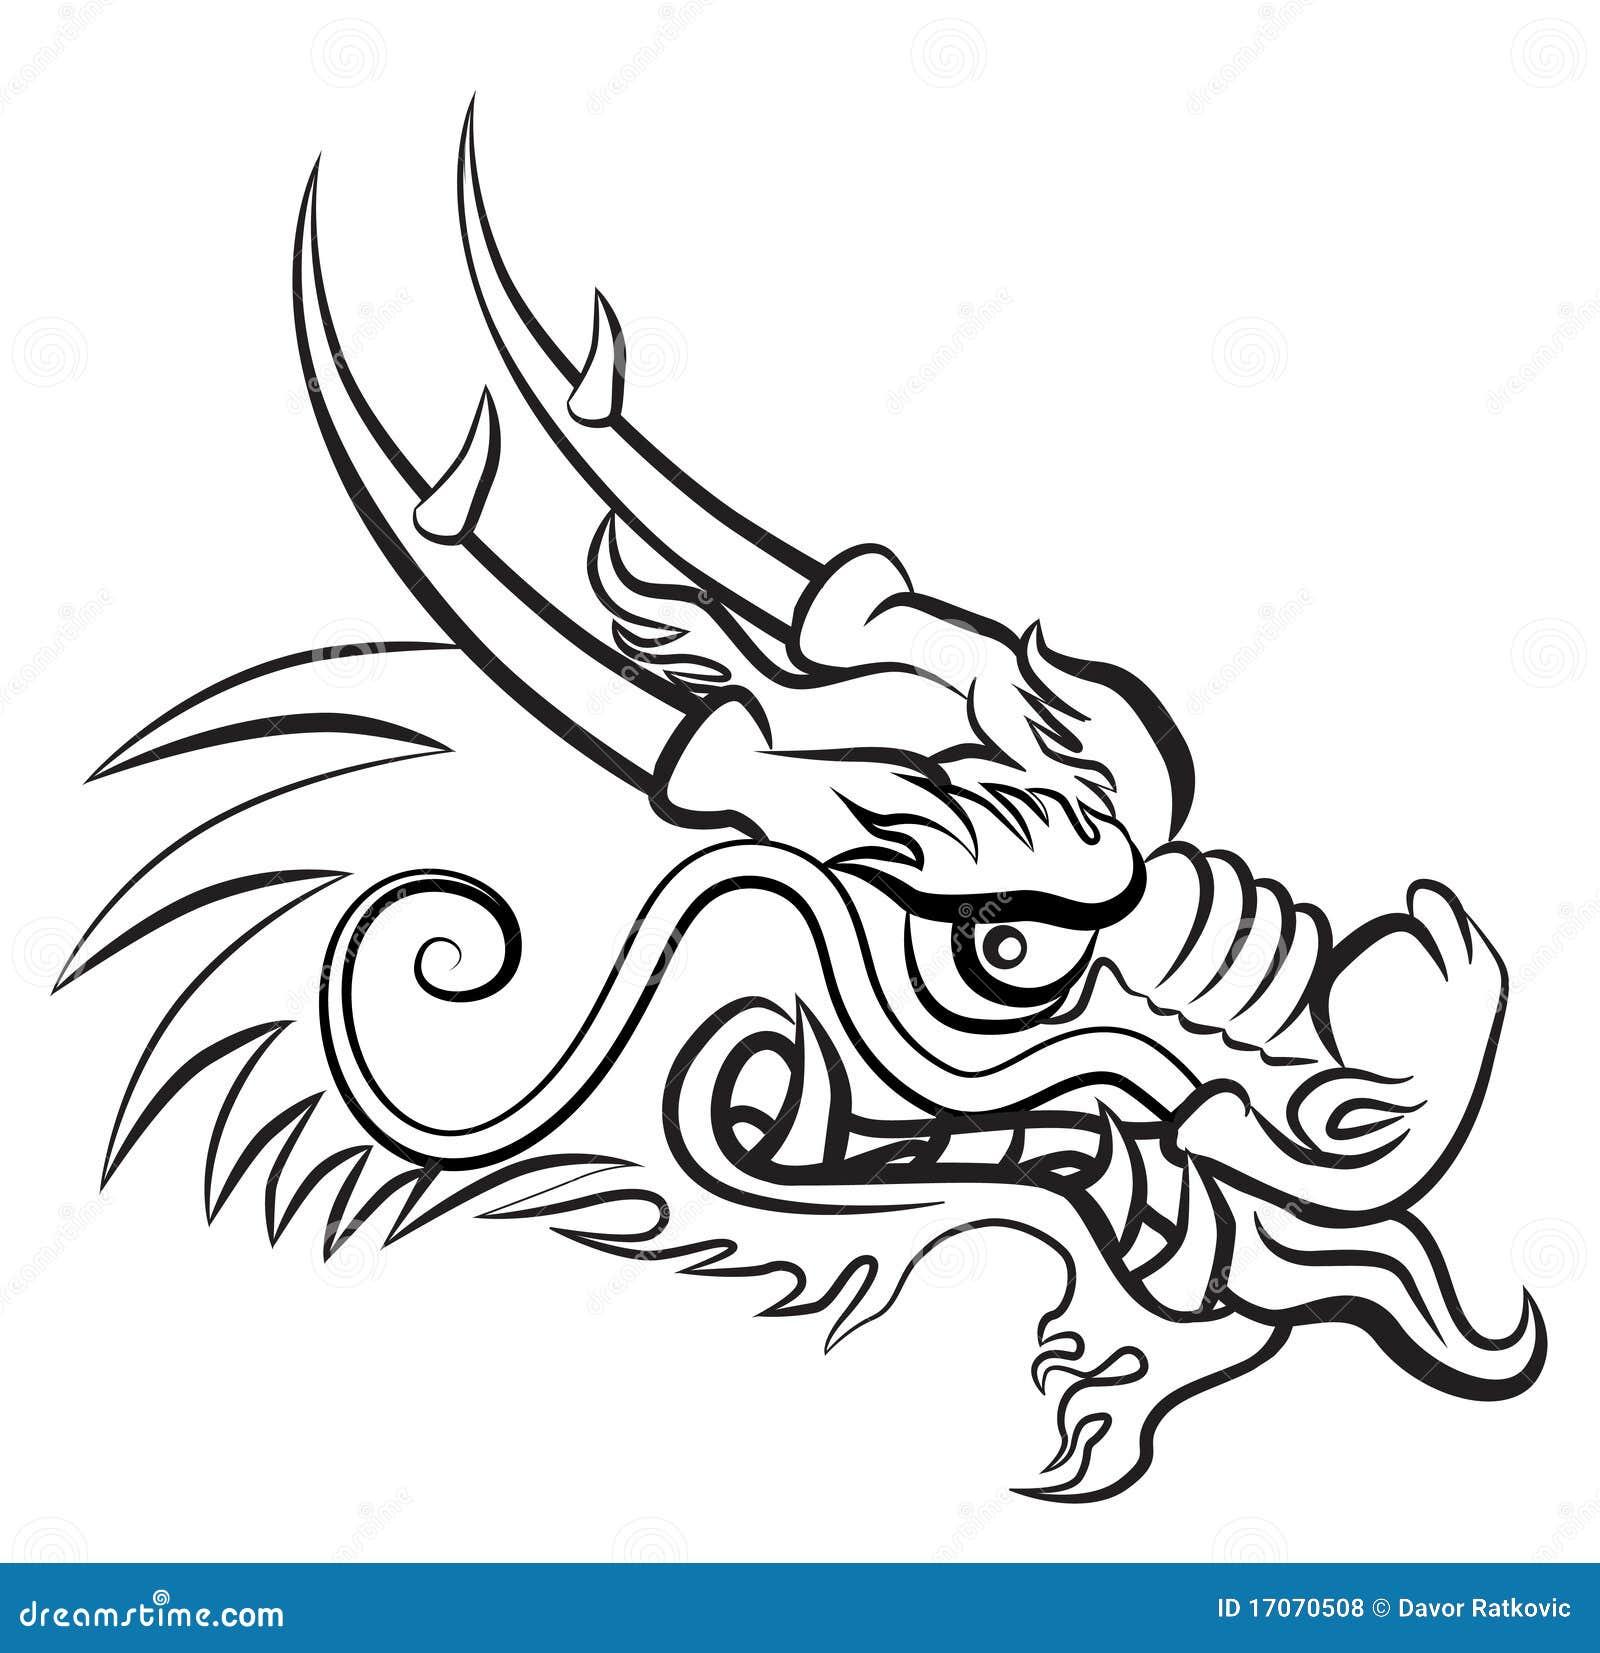 Superb Dessin De Dragon Japonais 8 Dessin Dragon Tatouage